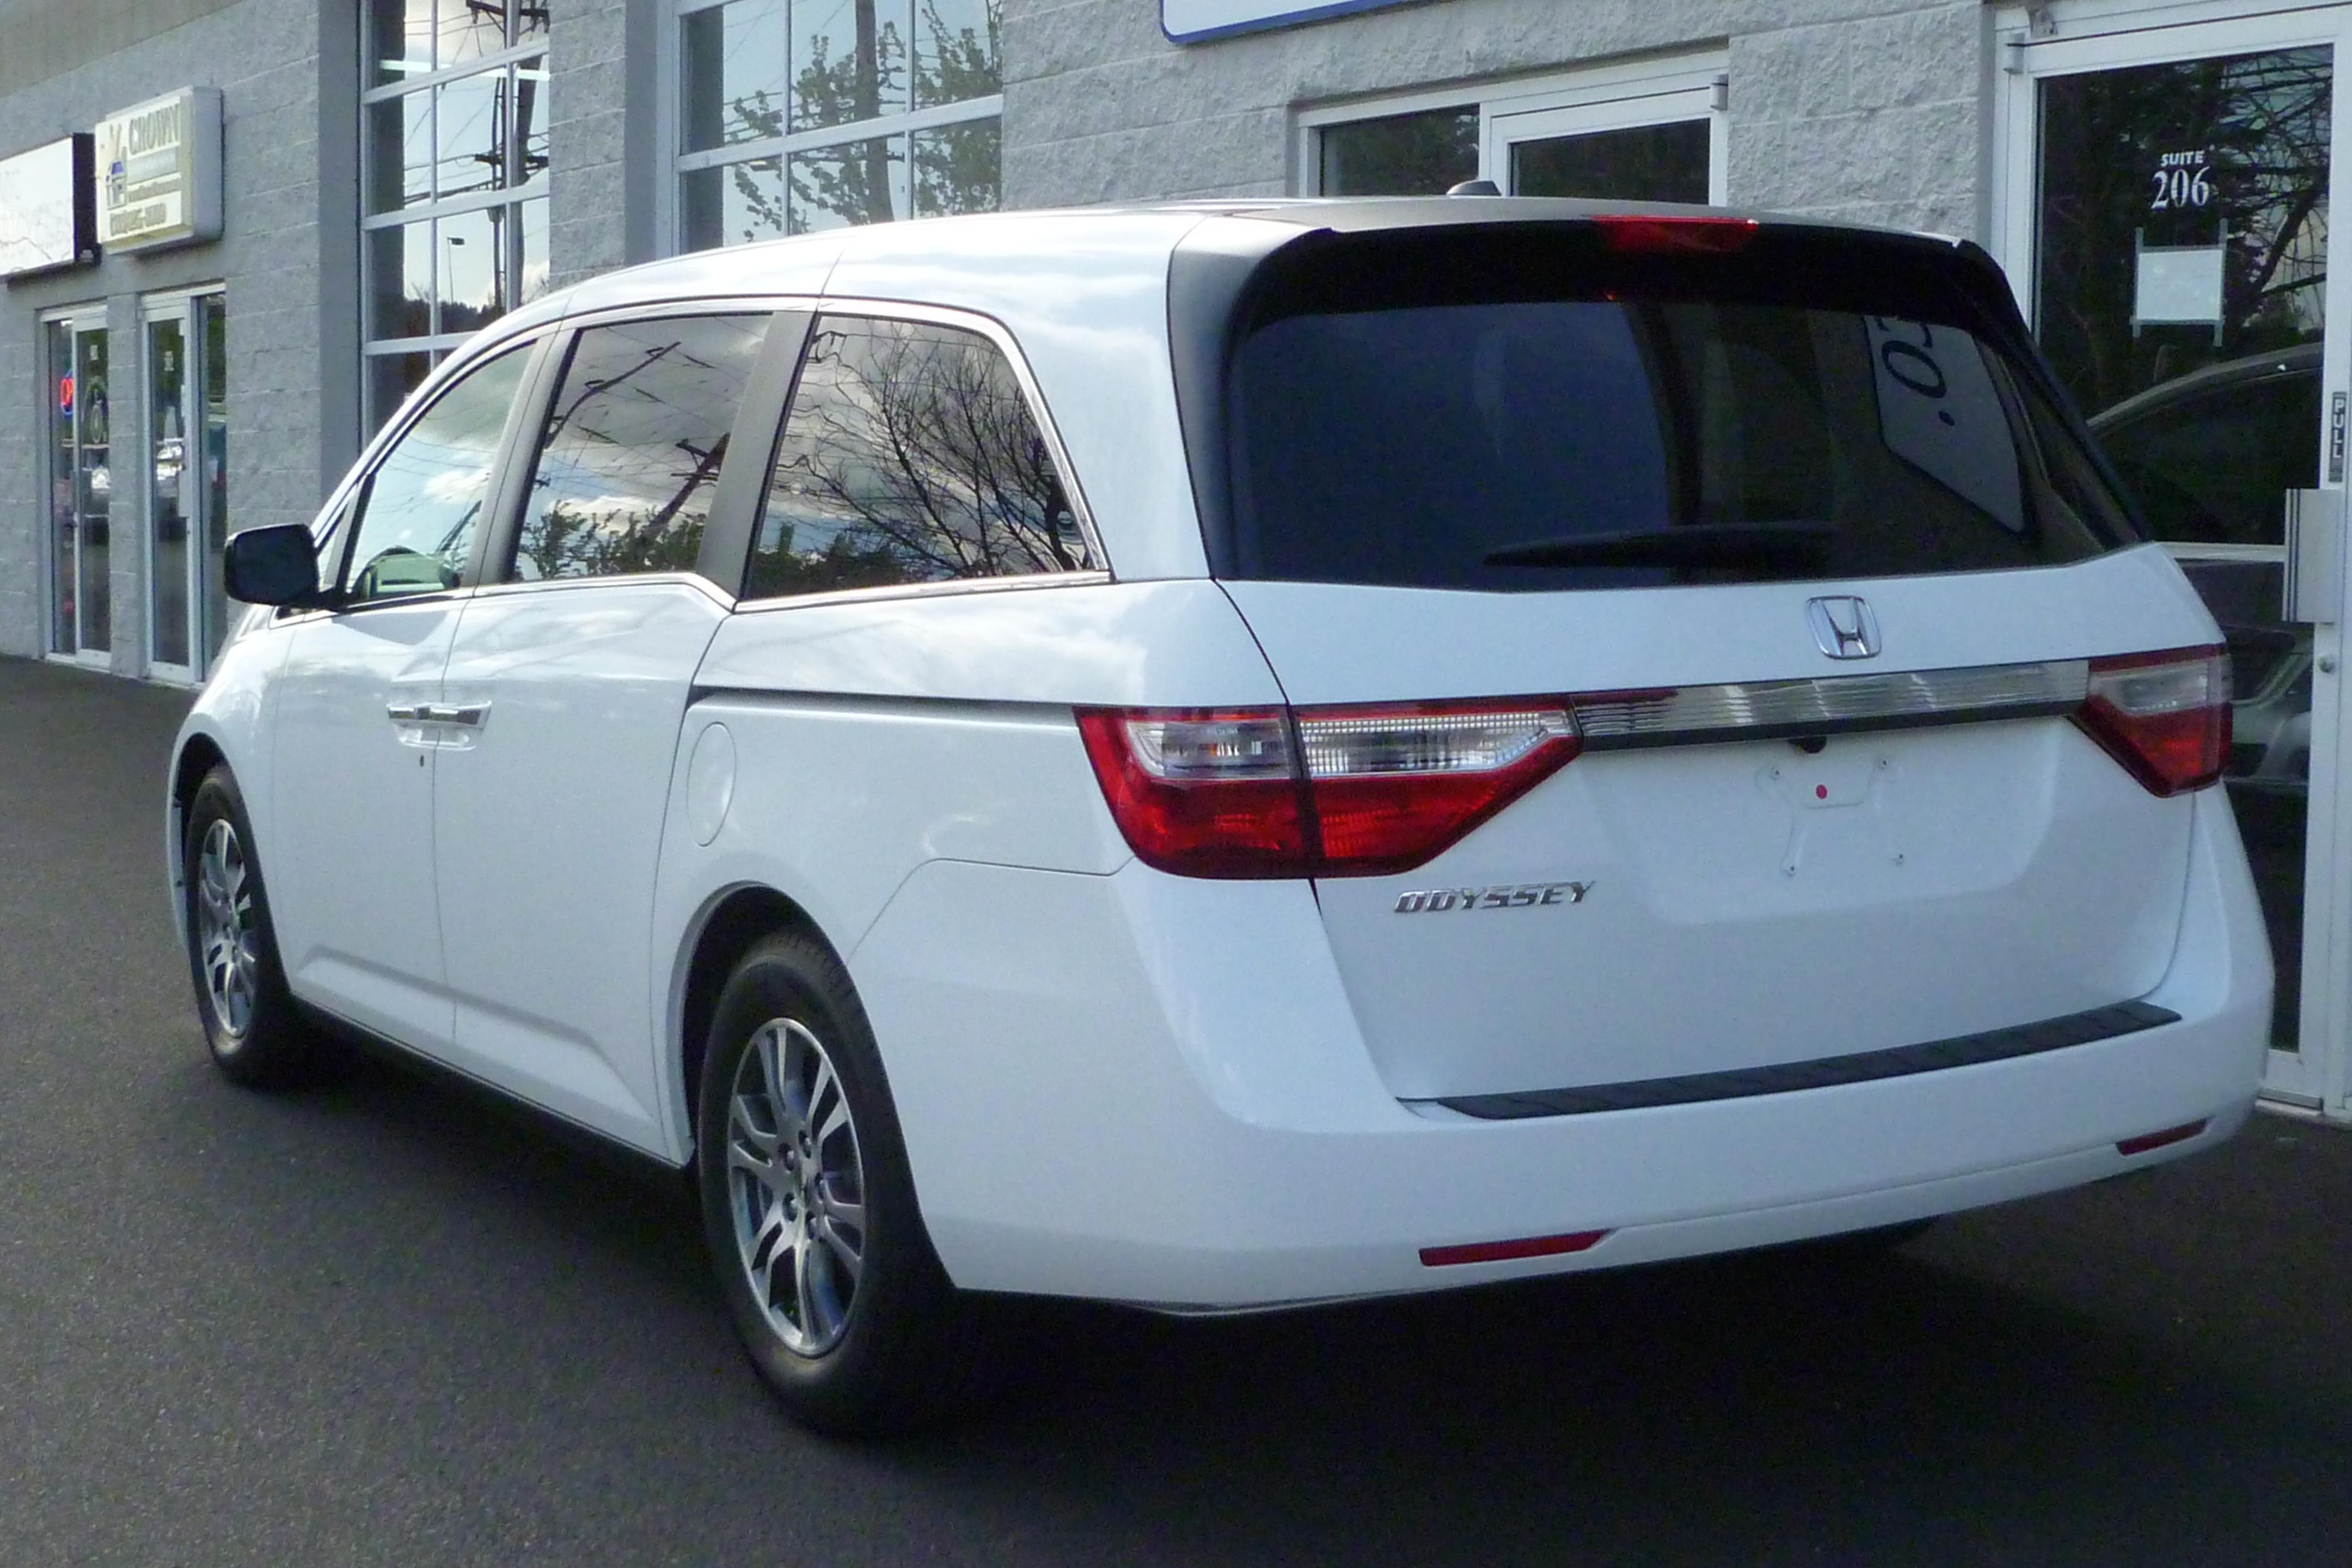 2013 Honda Odyssey Image 2